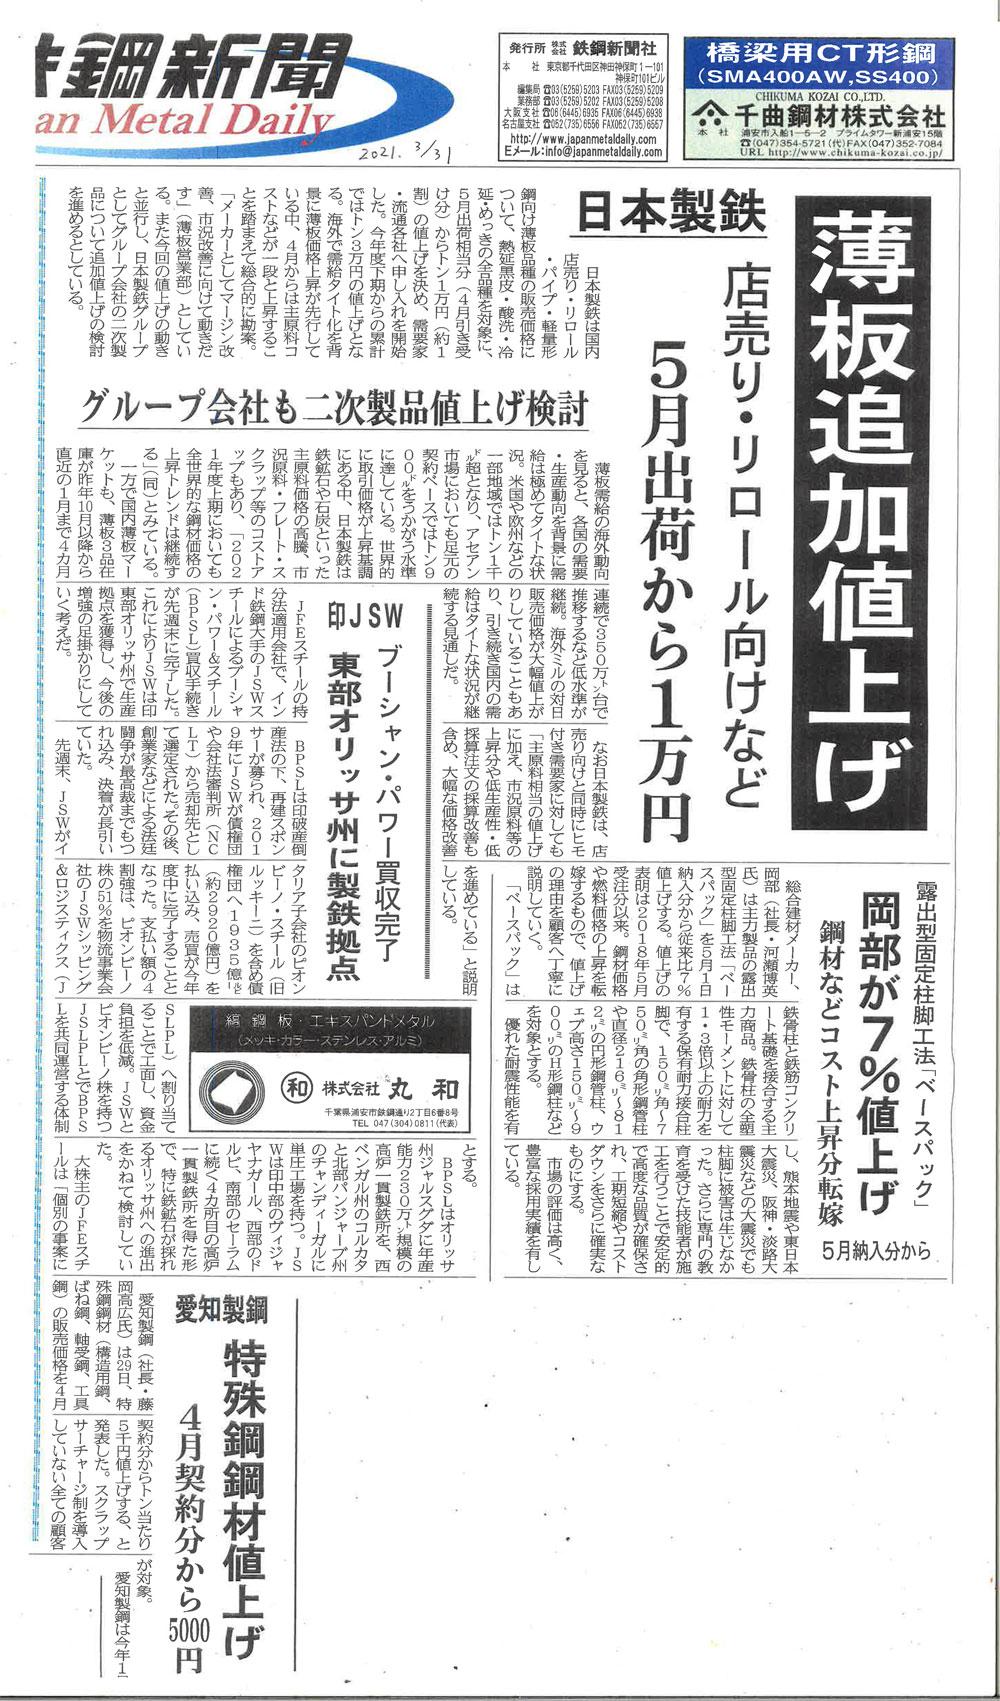 20210331鉄鋼新聞